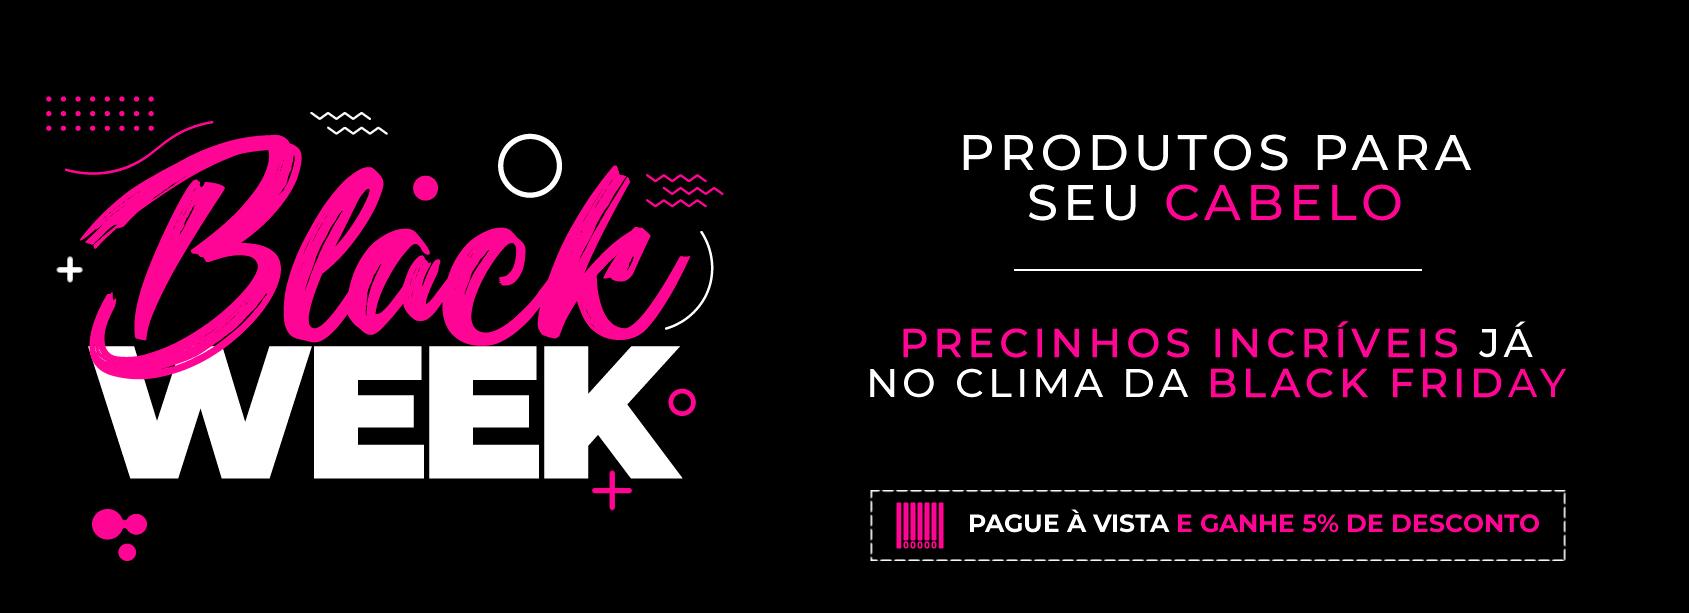 Banner Black Week 2019 -1